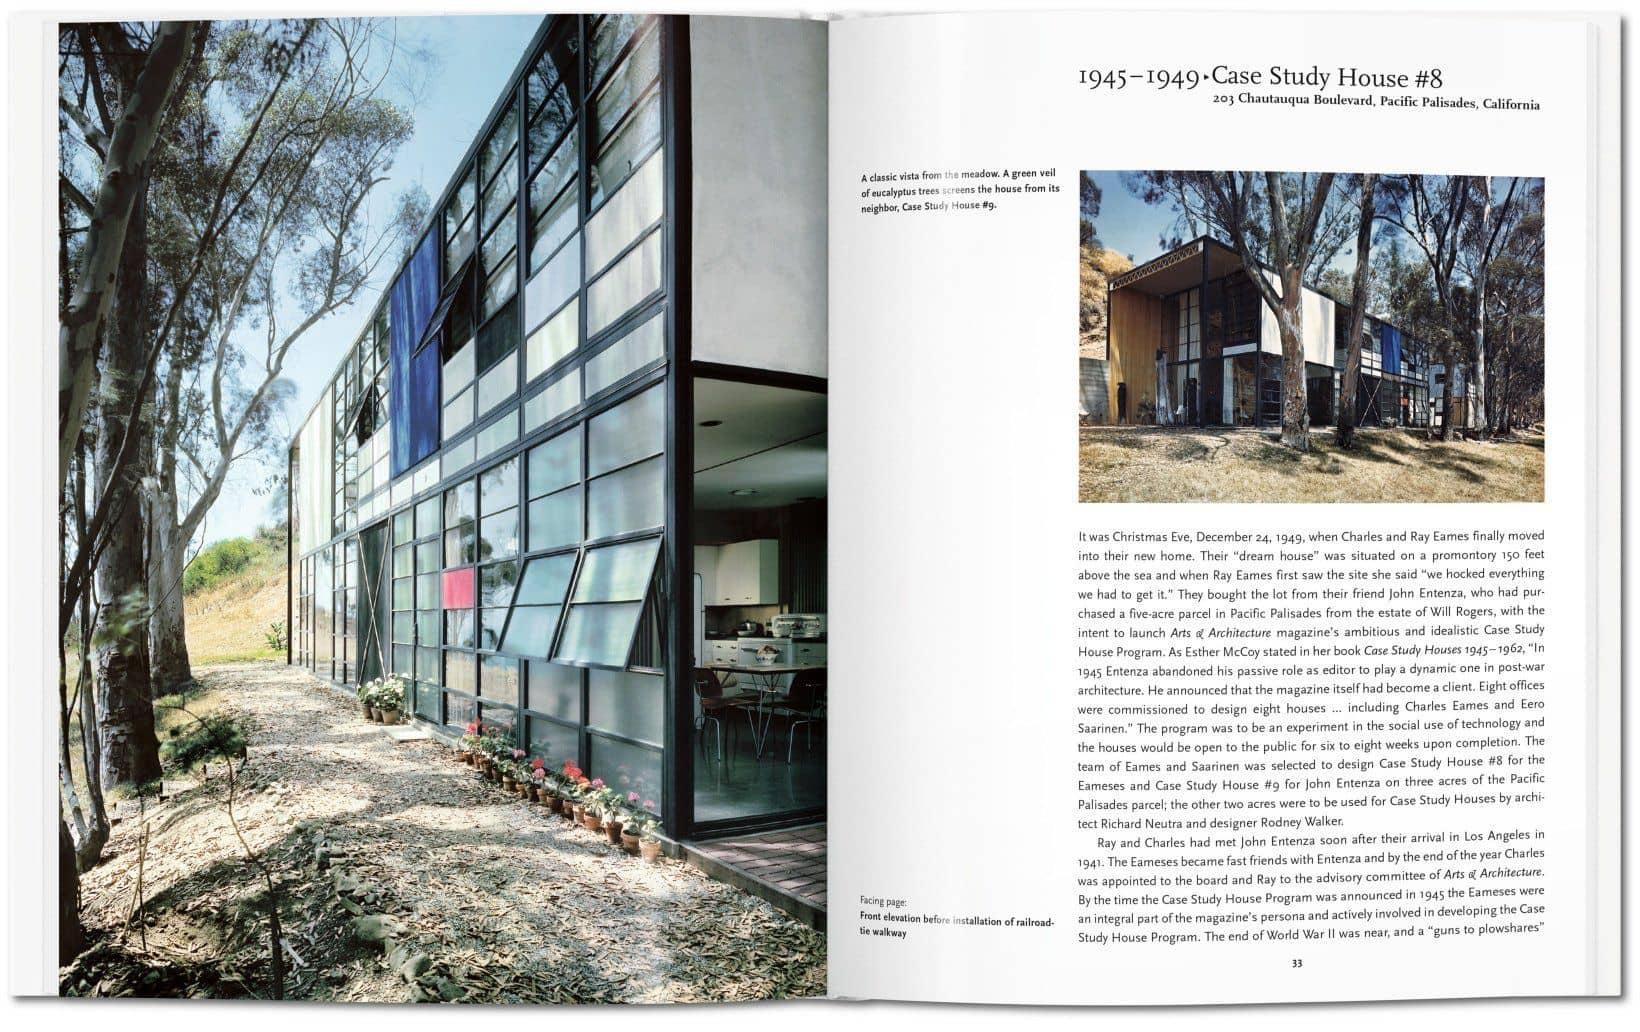 volta_taschen_Eames_book_3